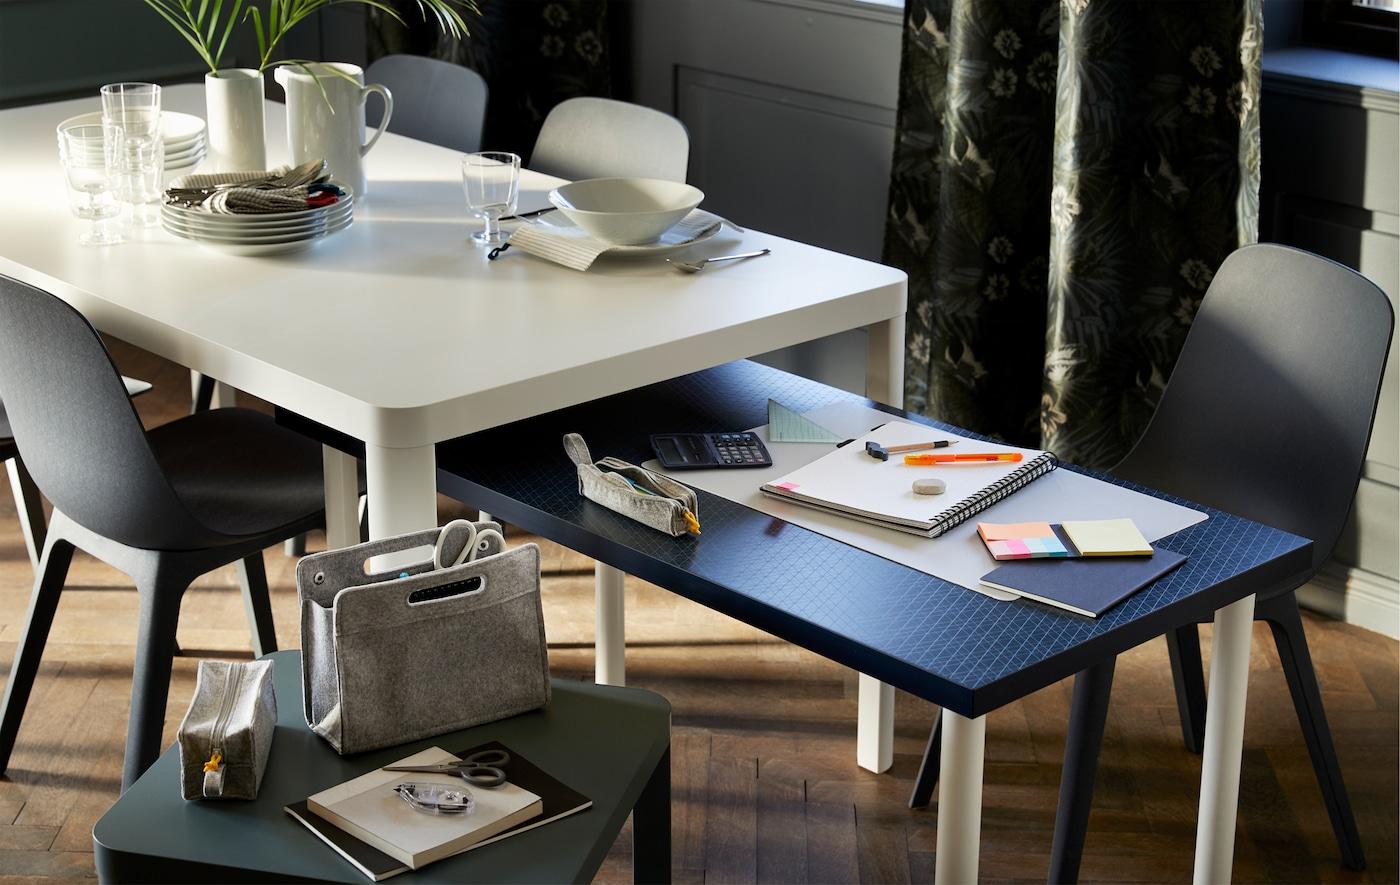 Como en las mesas nido completas, una mesa baja con tareas escolares sale de debajo de una mesa con la vajilla a punto de ser colocada.